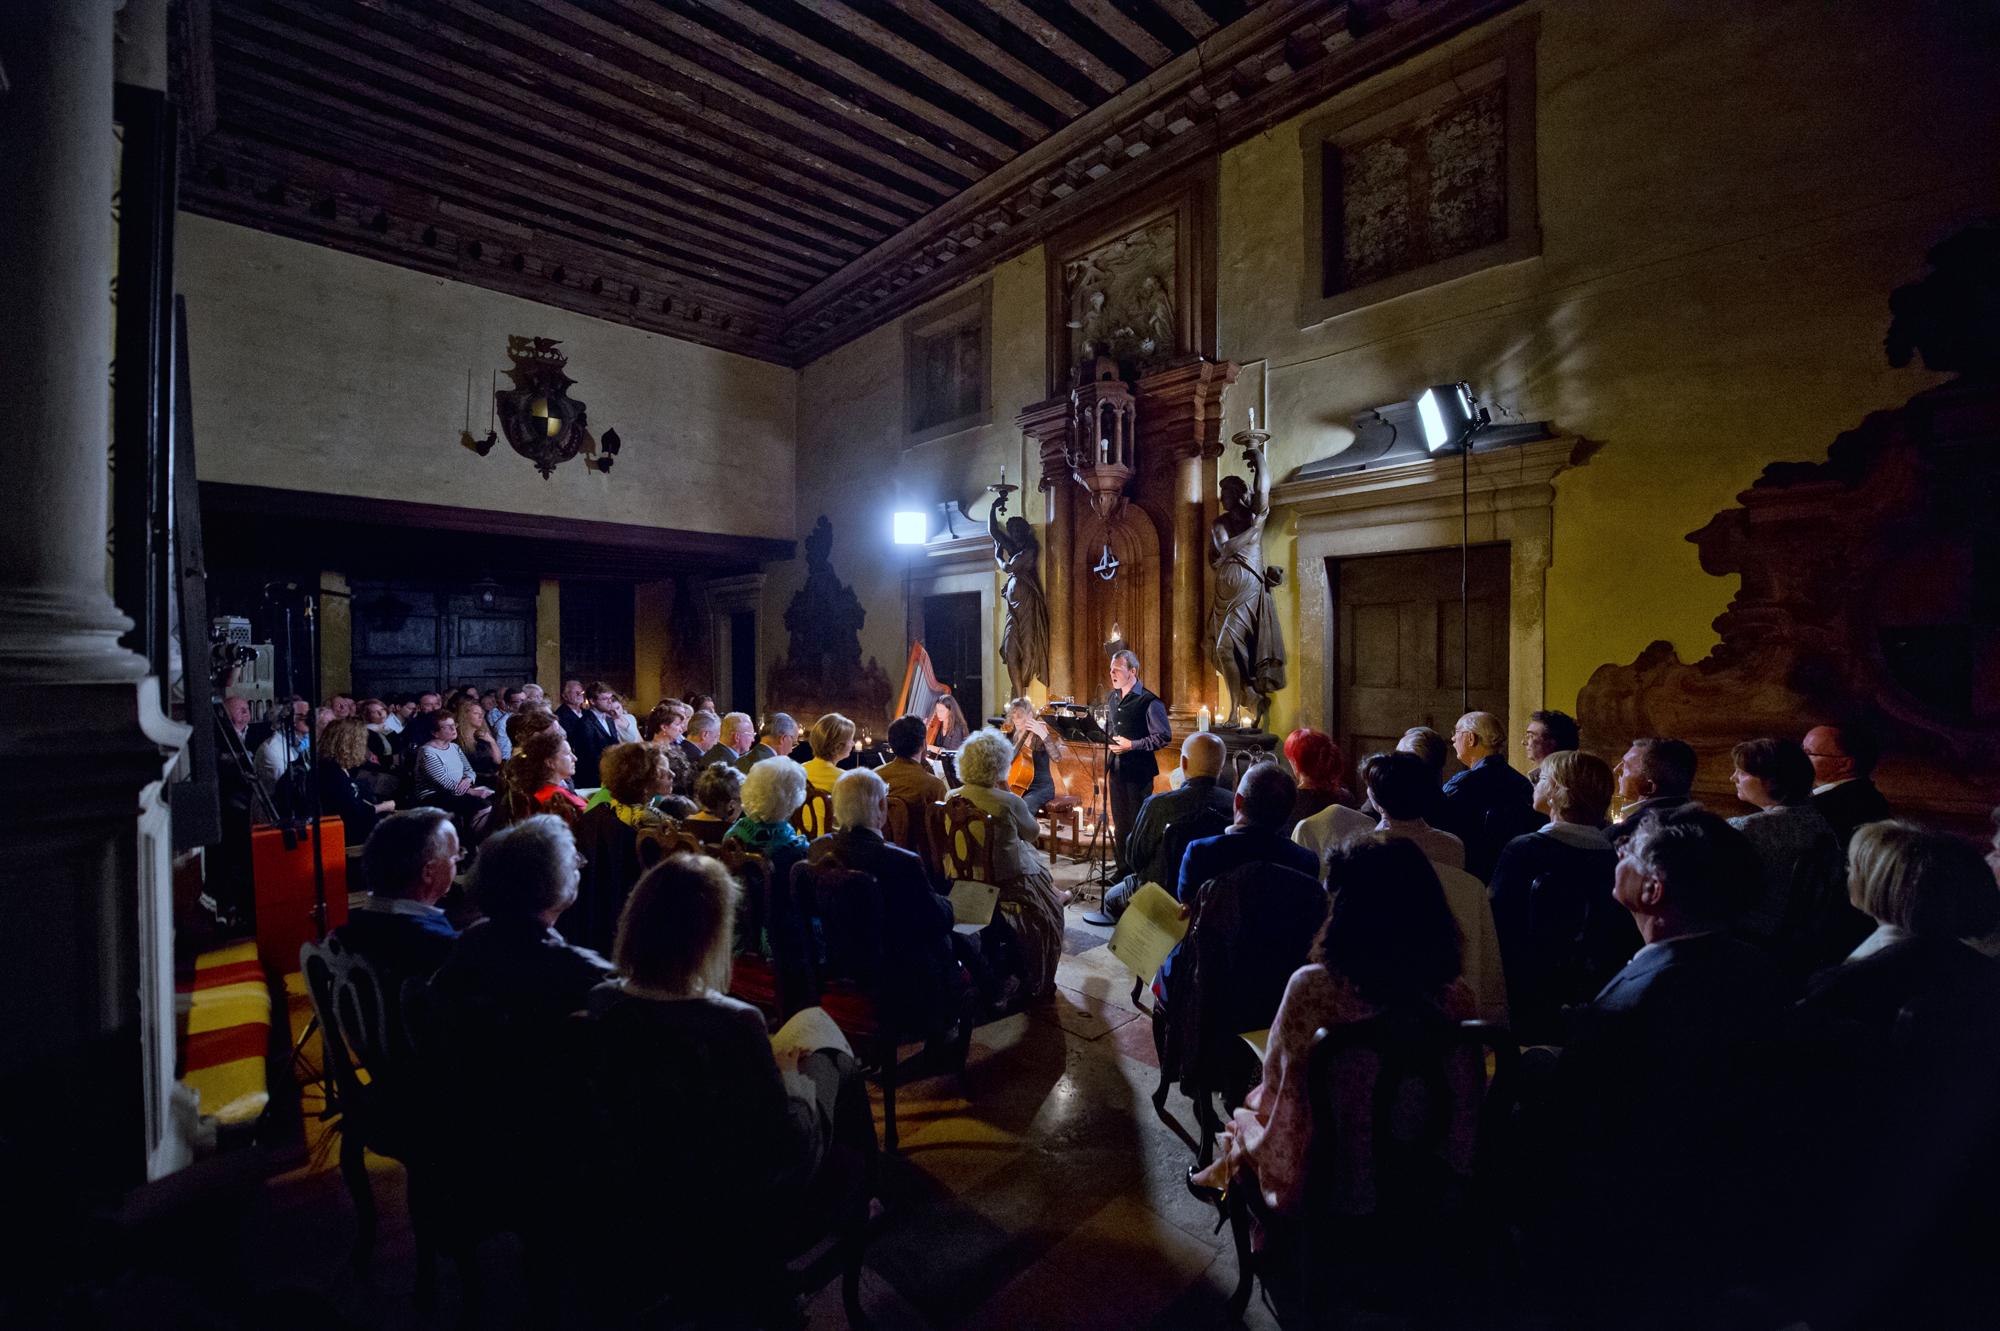 venice concert Monteverdi Vivaldi 2014 - Scuola Grande di San Rocco - laure jacquemin (13)